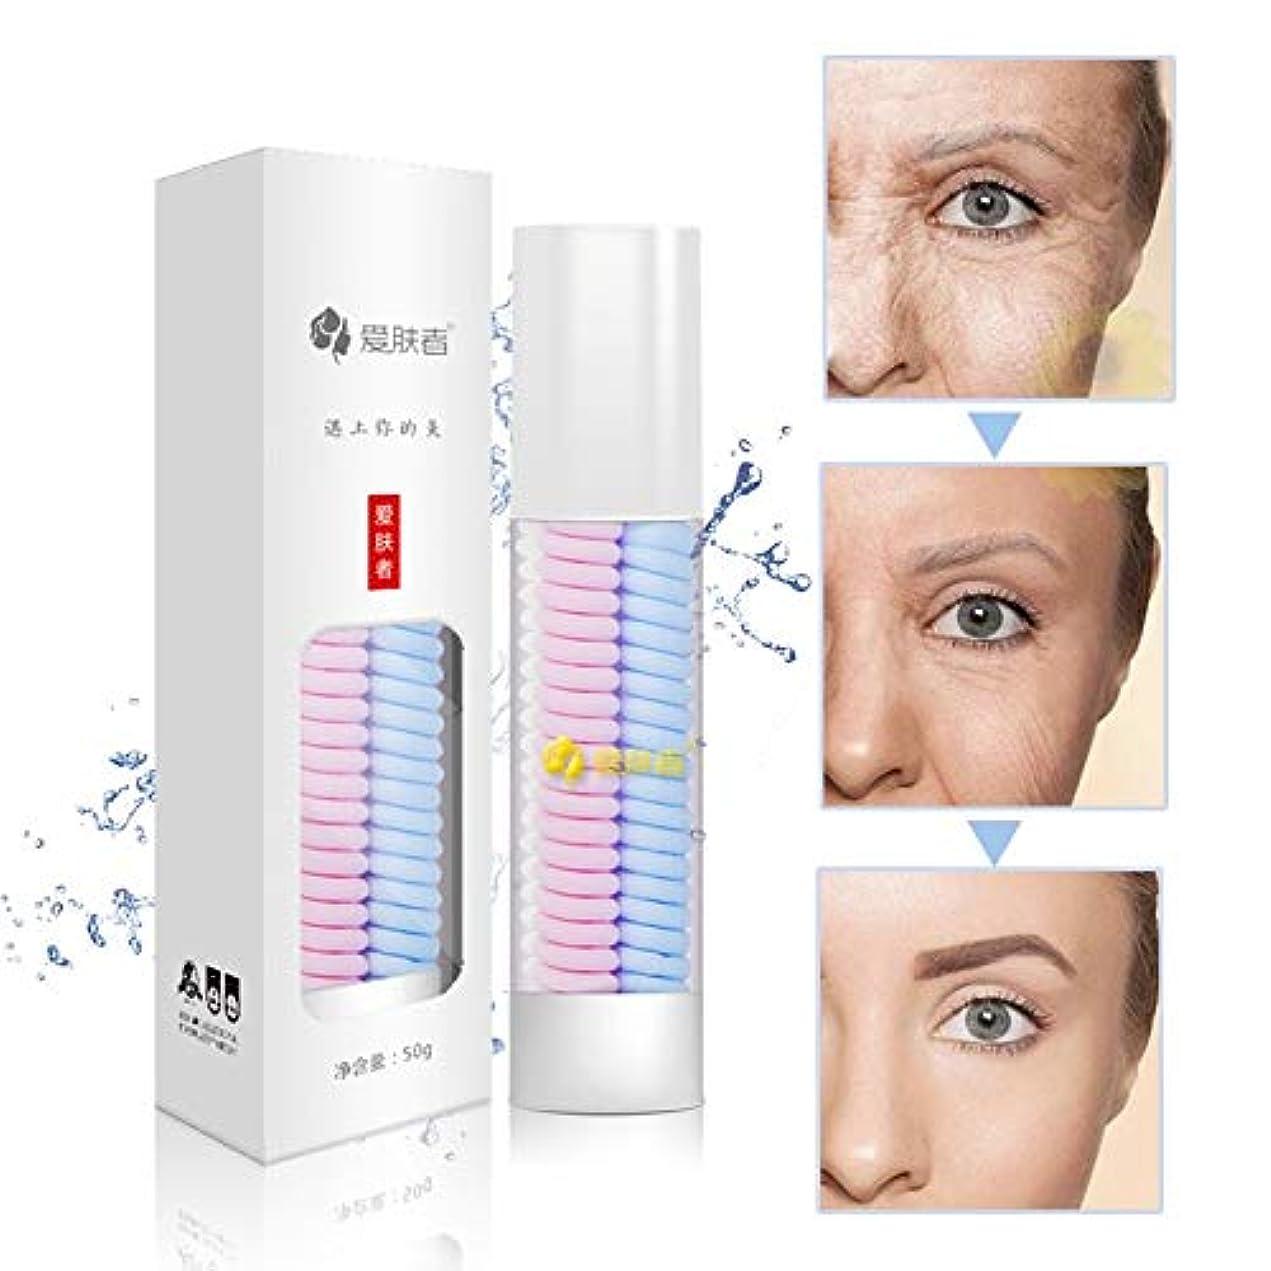 保湿顔寧クリームの電子抗しわ年齢ケアのRIR cremasはhidratante顔面edad抗faciales